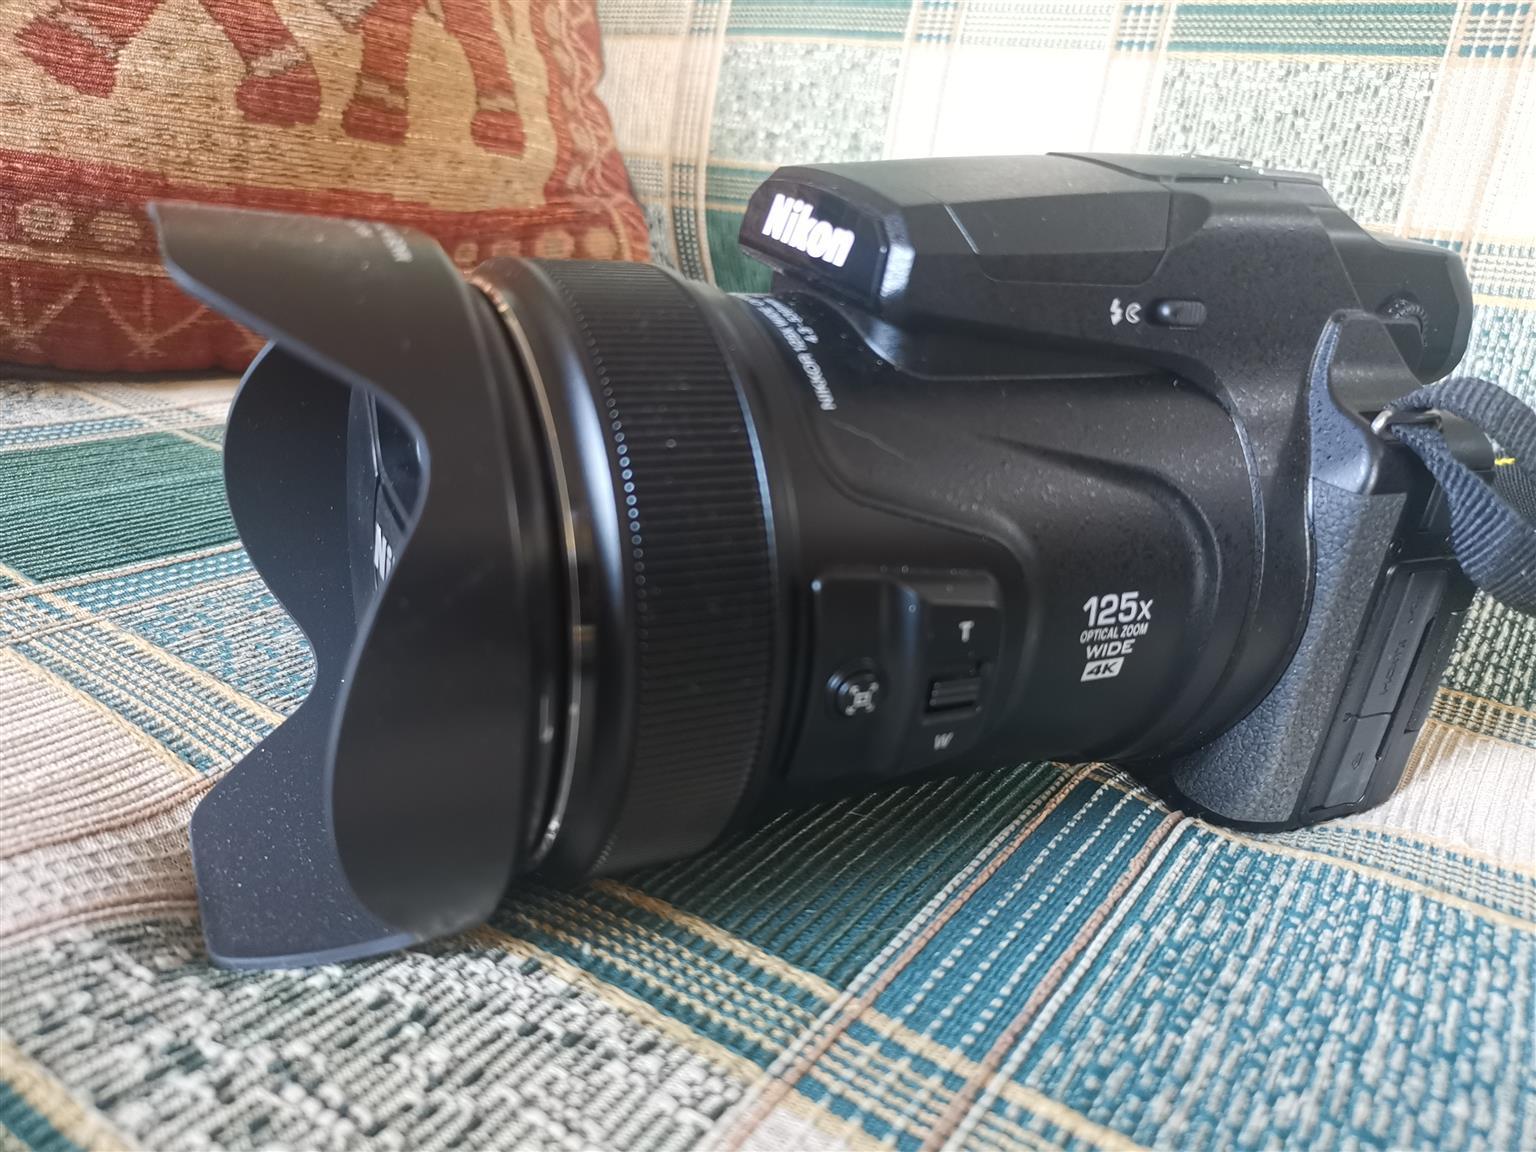 Nikon P1000 DSLR camera